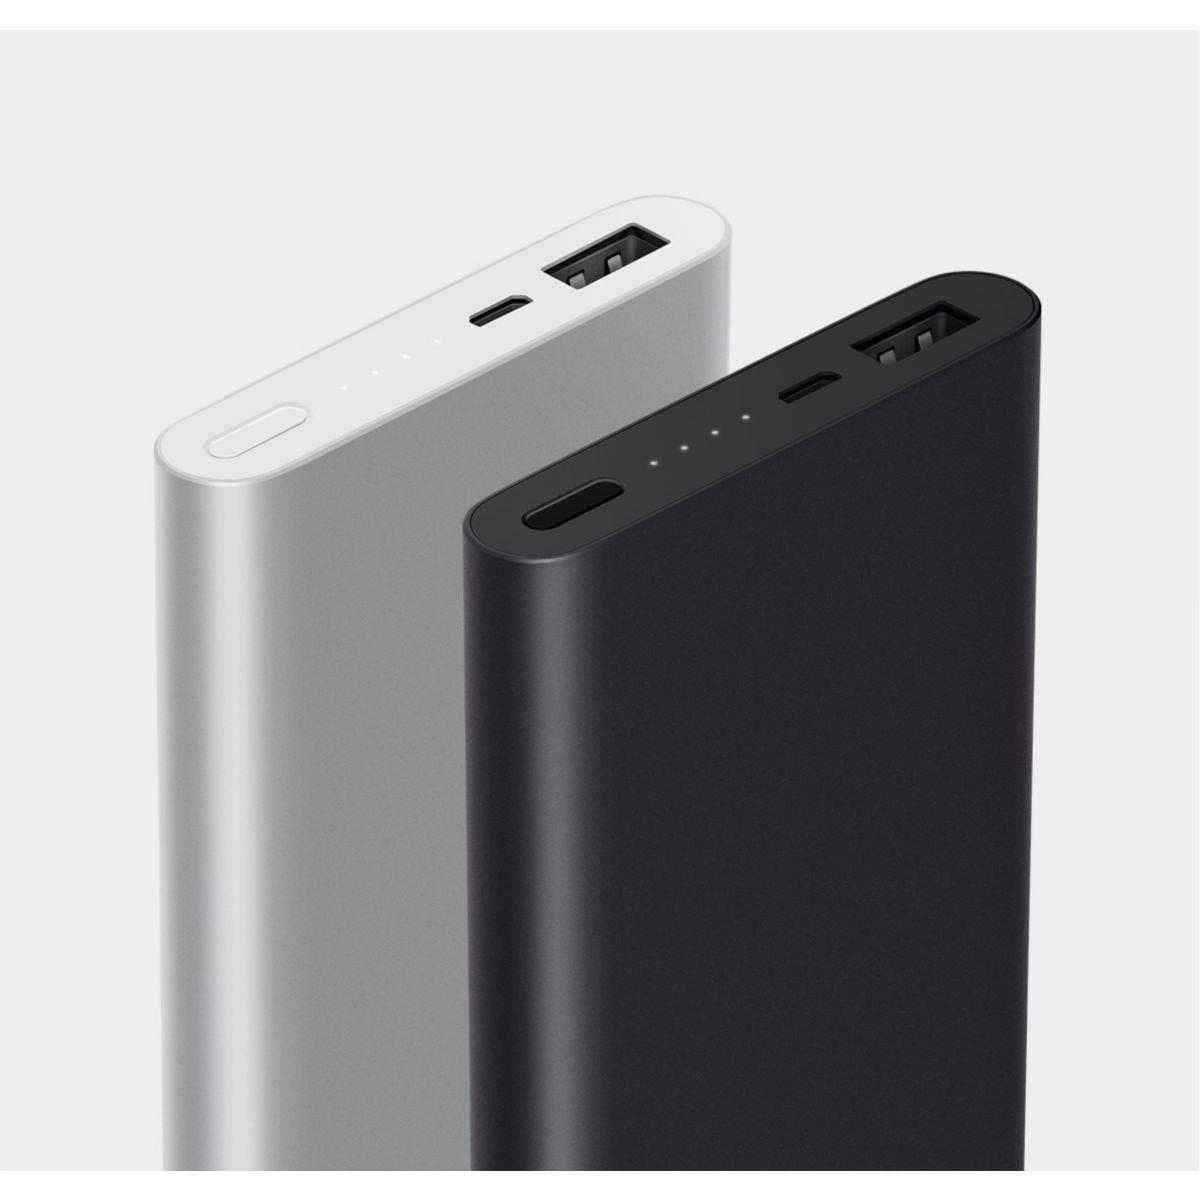 Batterie externe xiaomi 10000mah mi power bank 2s (black) - 2% de remise imm�diate avec le code : deal2 (photo)